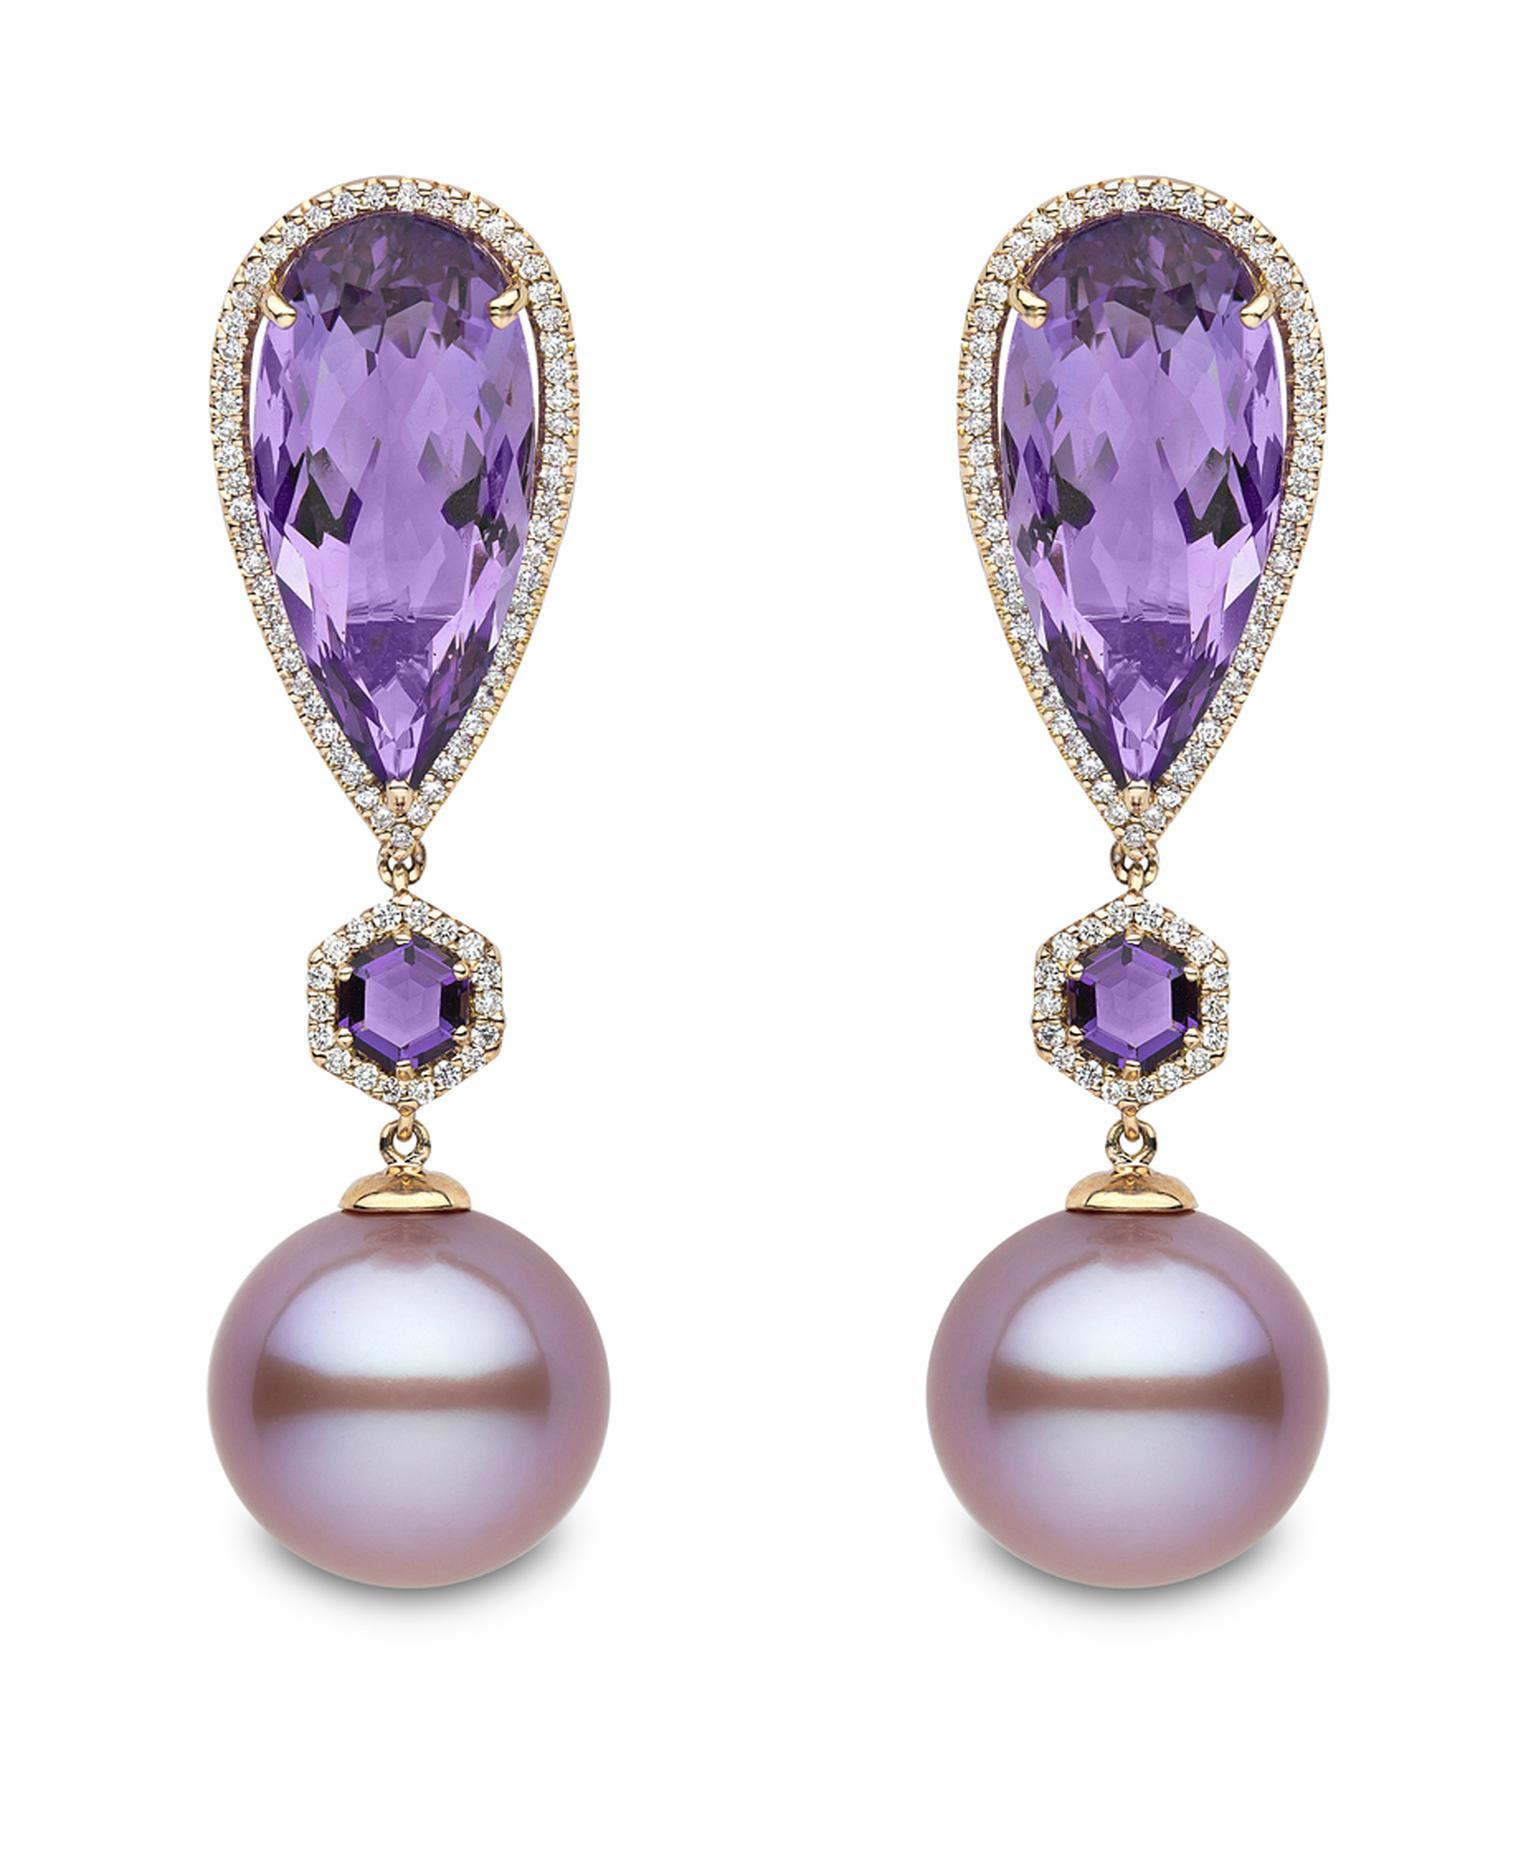 Resultado de imagen para colored gemstones earring